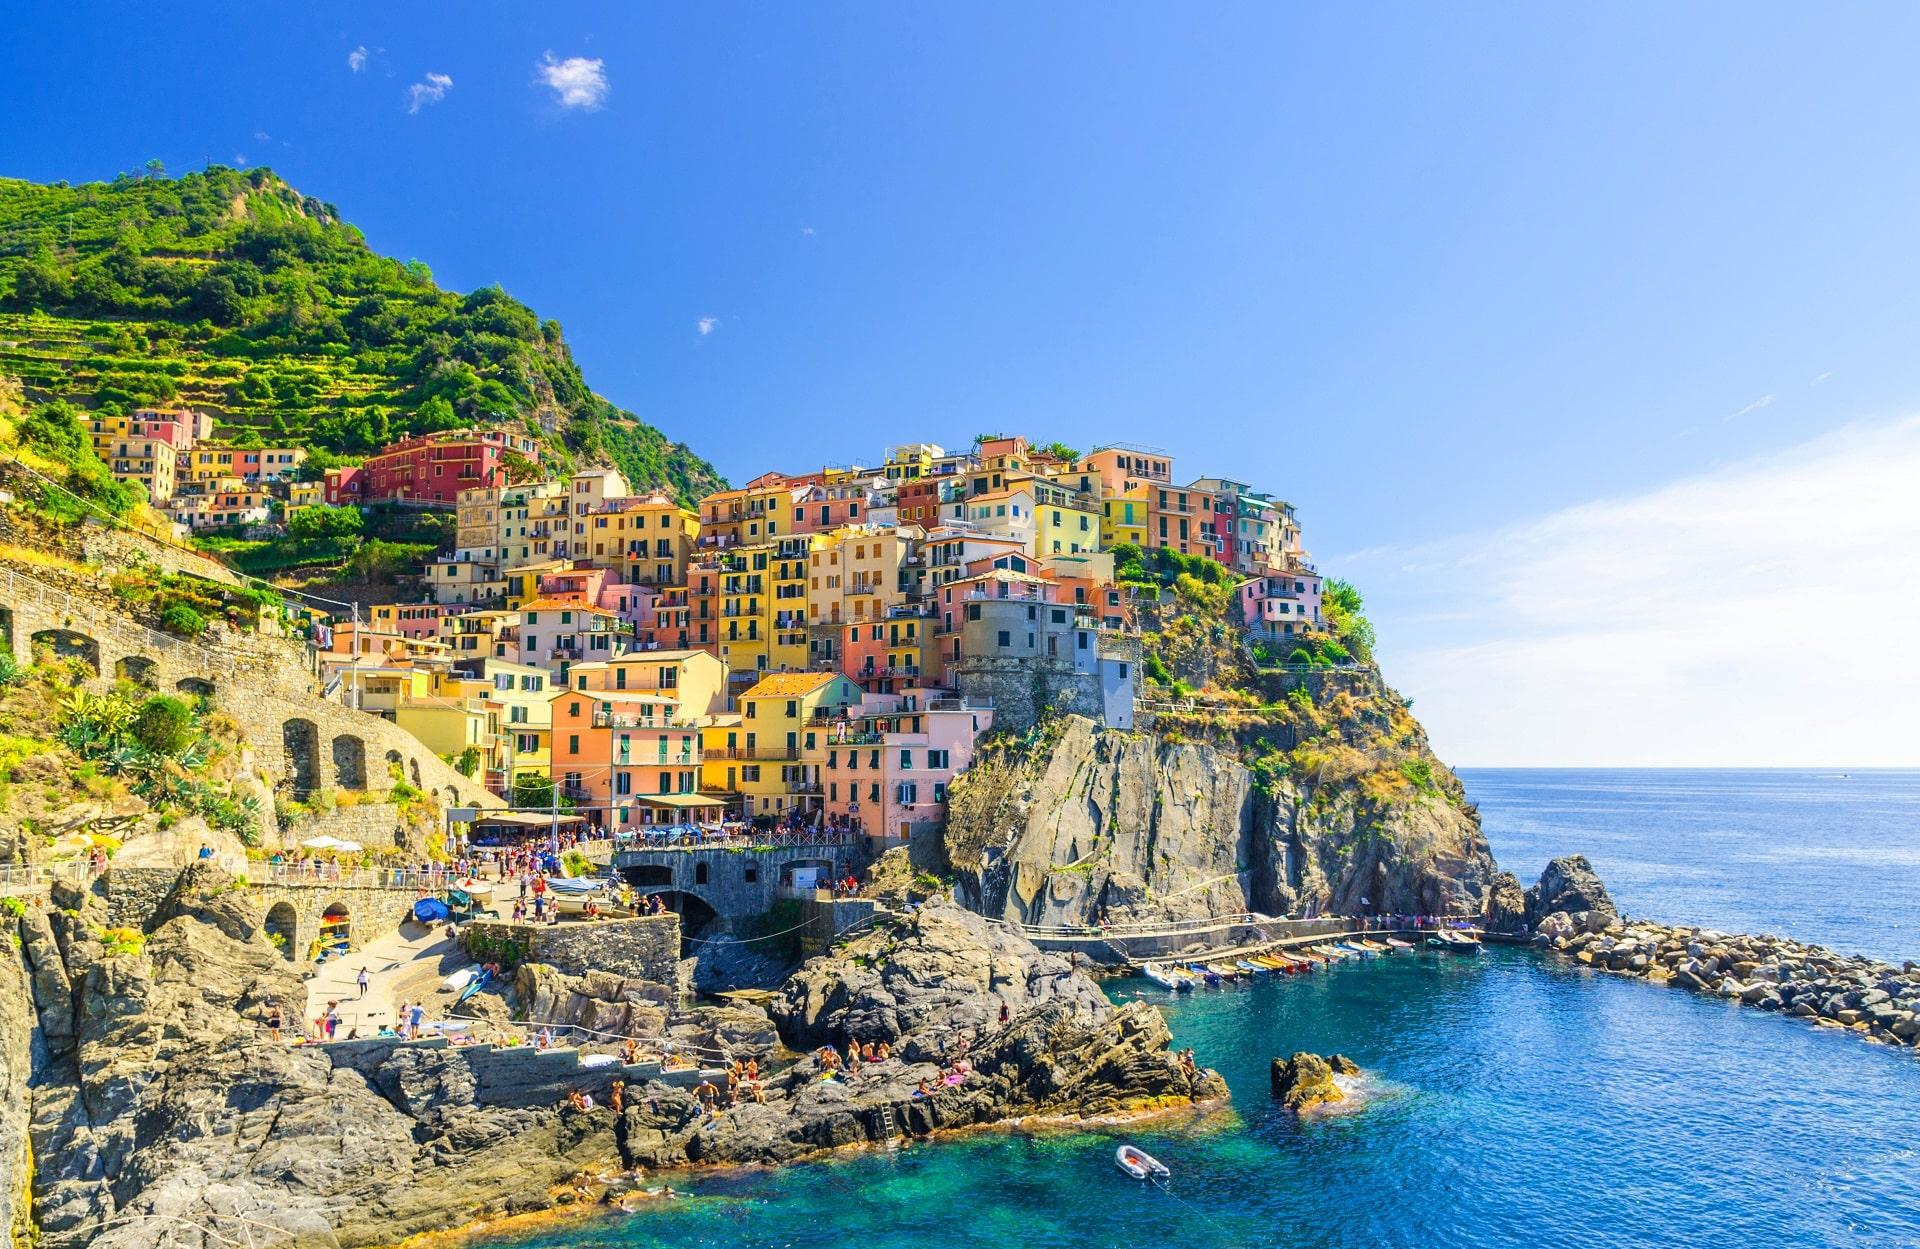 La-Spezia-Italy2